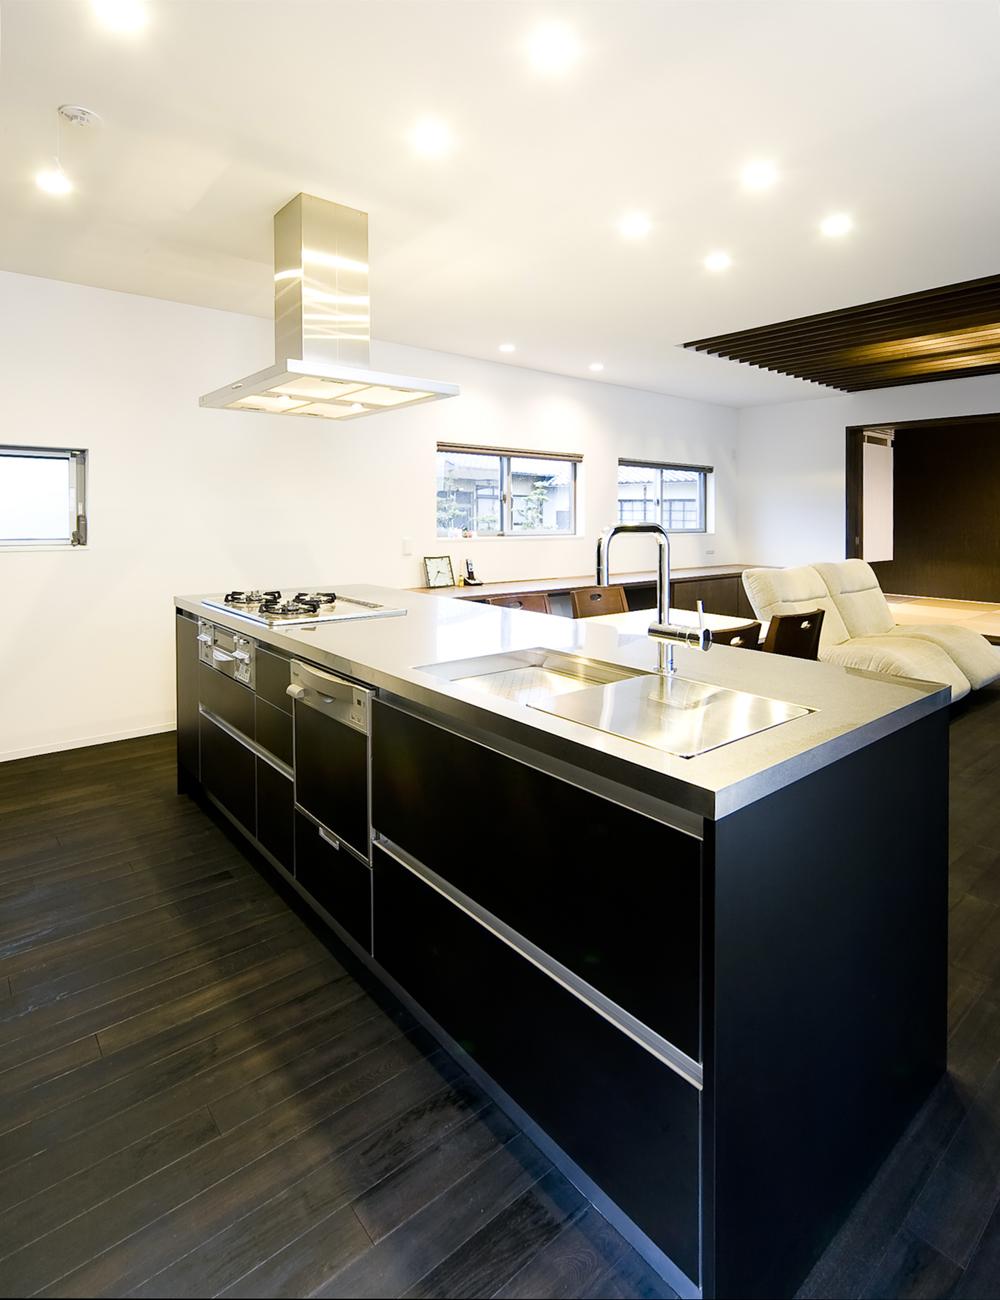 フラットなステンレス天板が美しい、アイランド型のキッチン-fevecasa